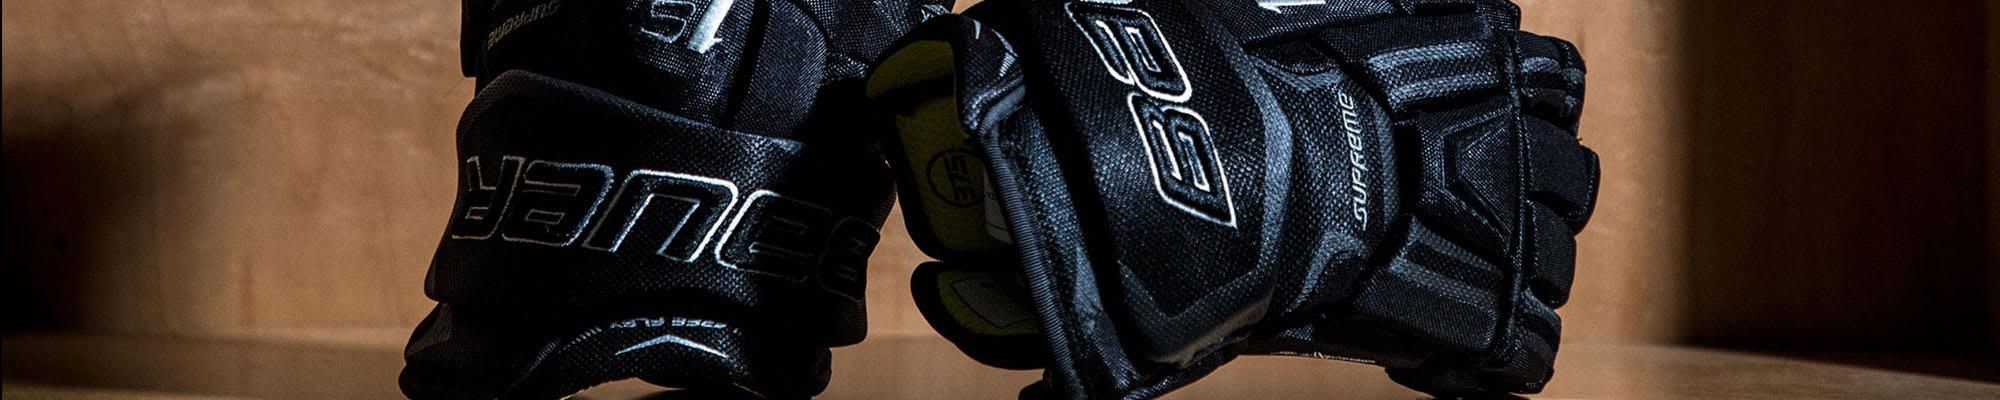 Top Bauer Hockey Gloves